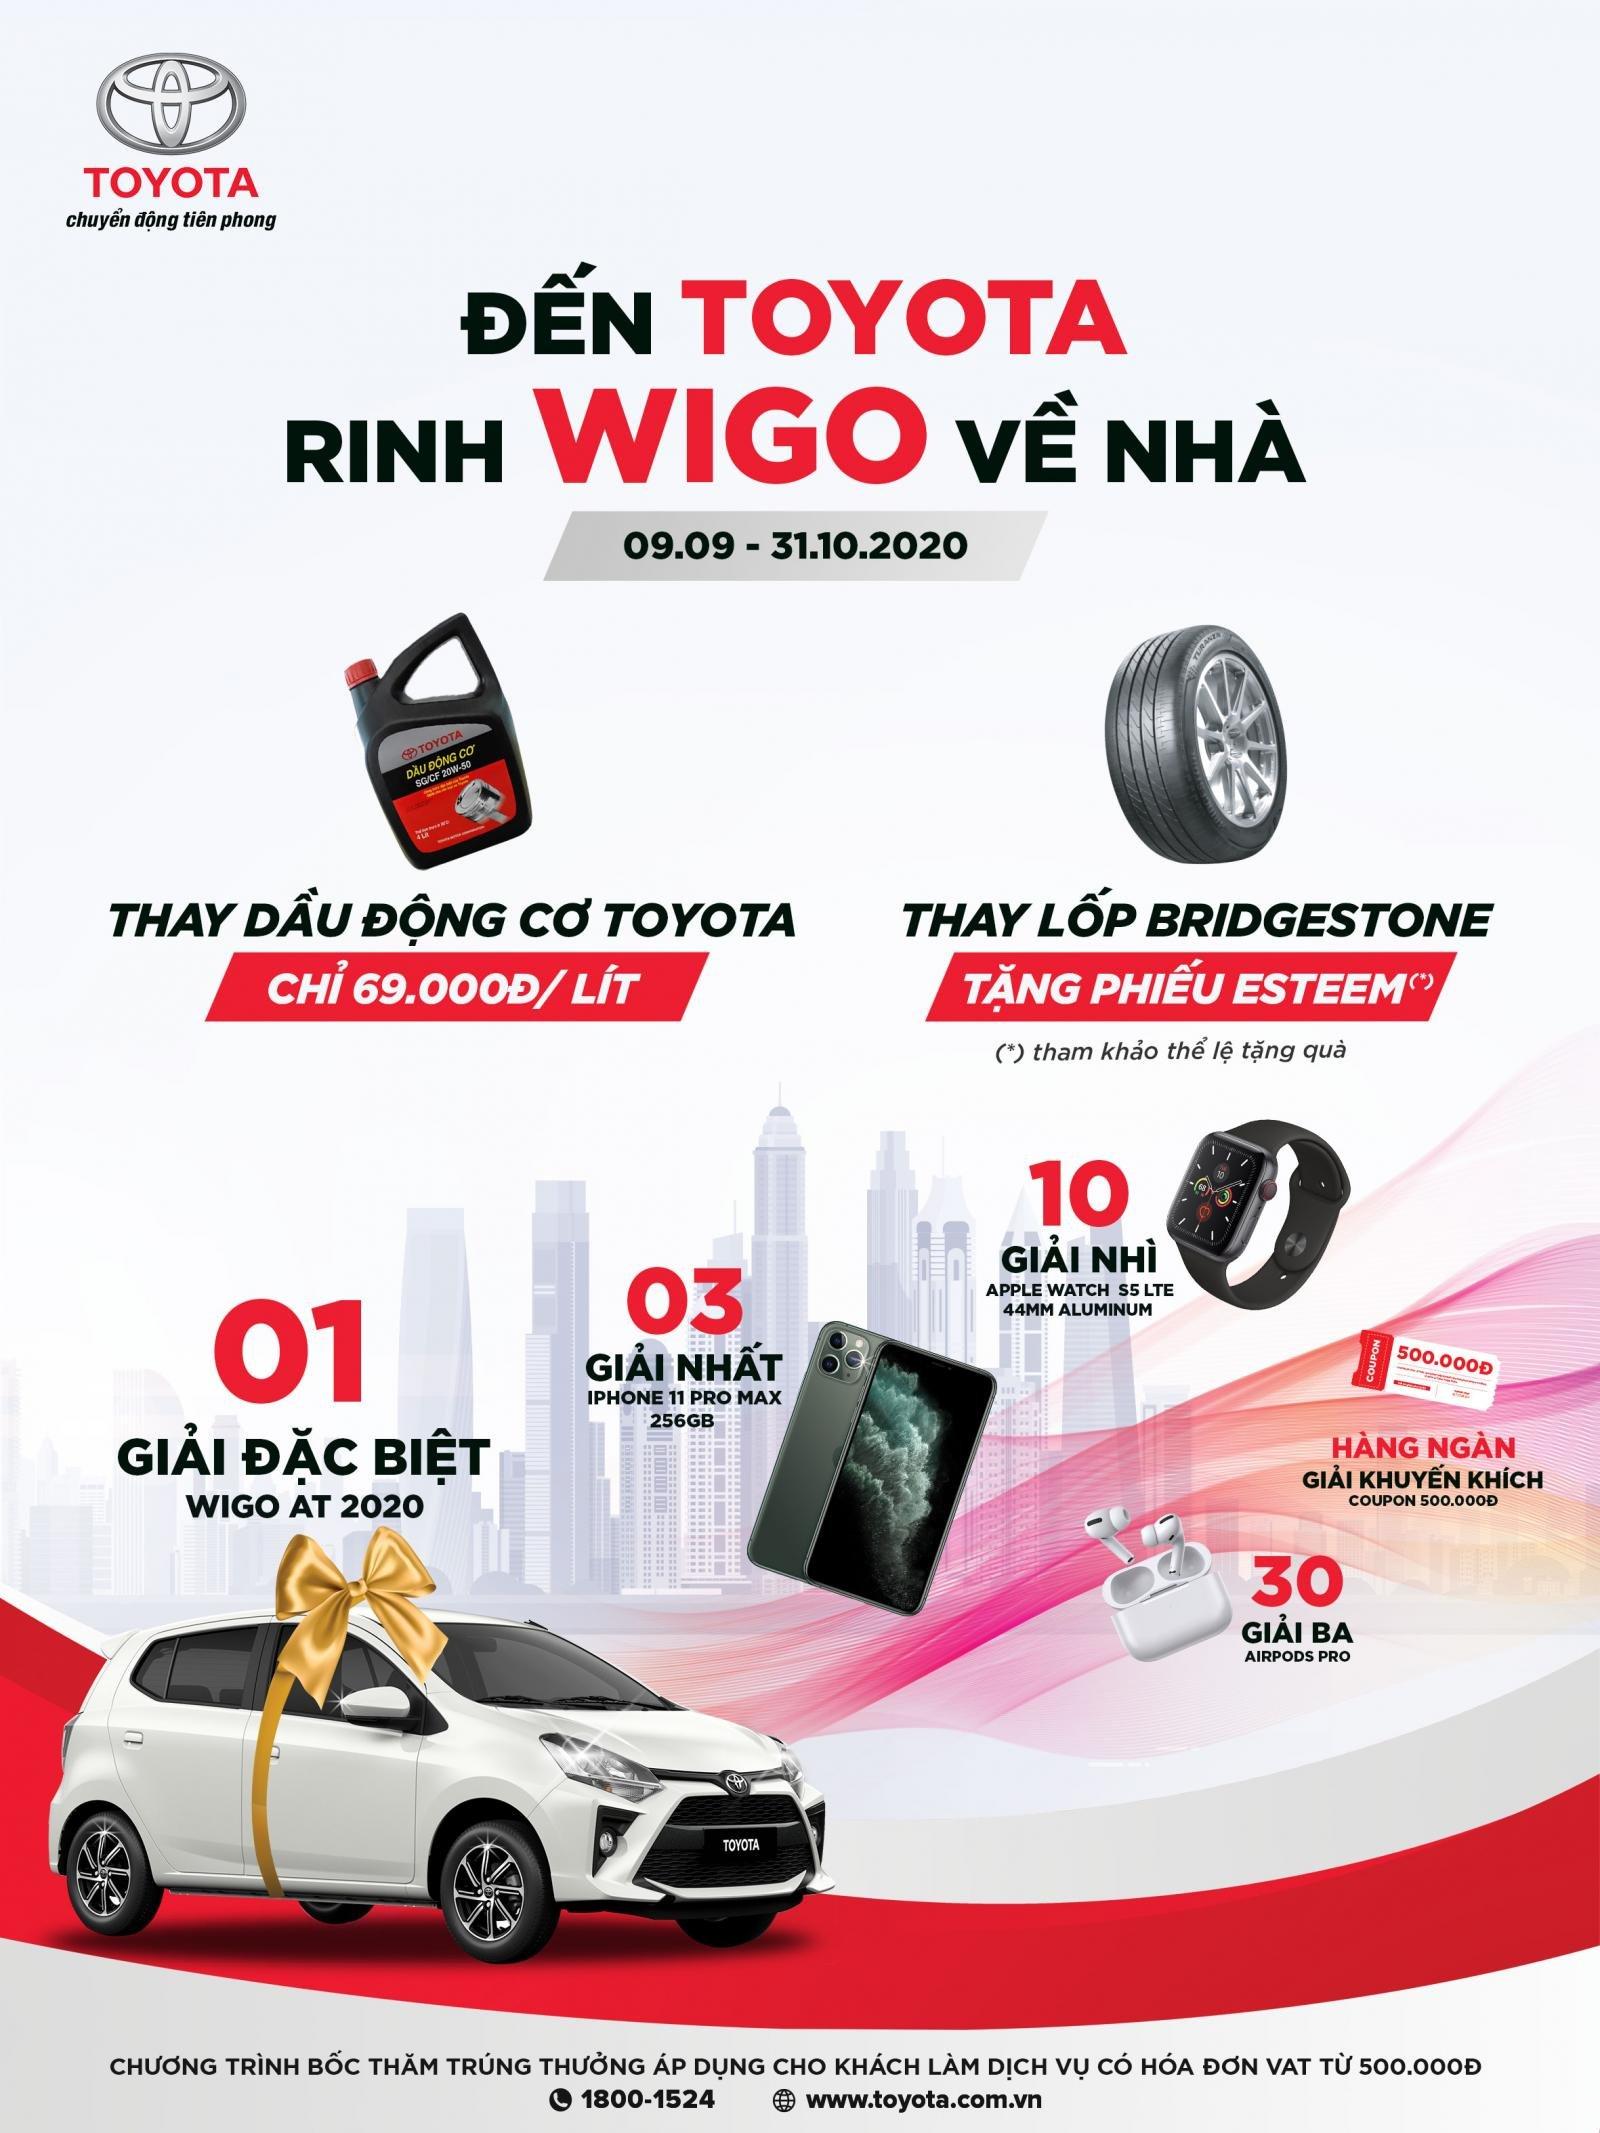 """TMV tung chương trình """"Đến Toyota, rinh Wigo về nhà"""" tri ân khách hàng"""